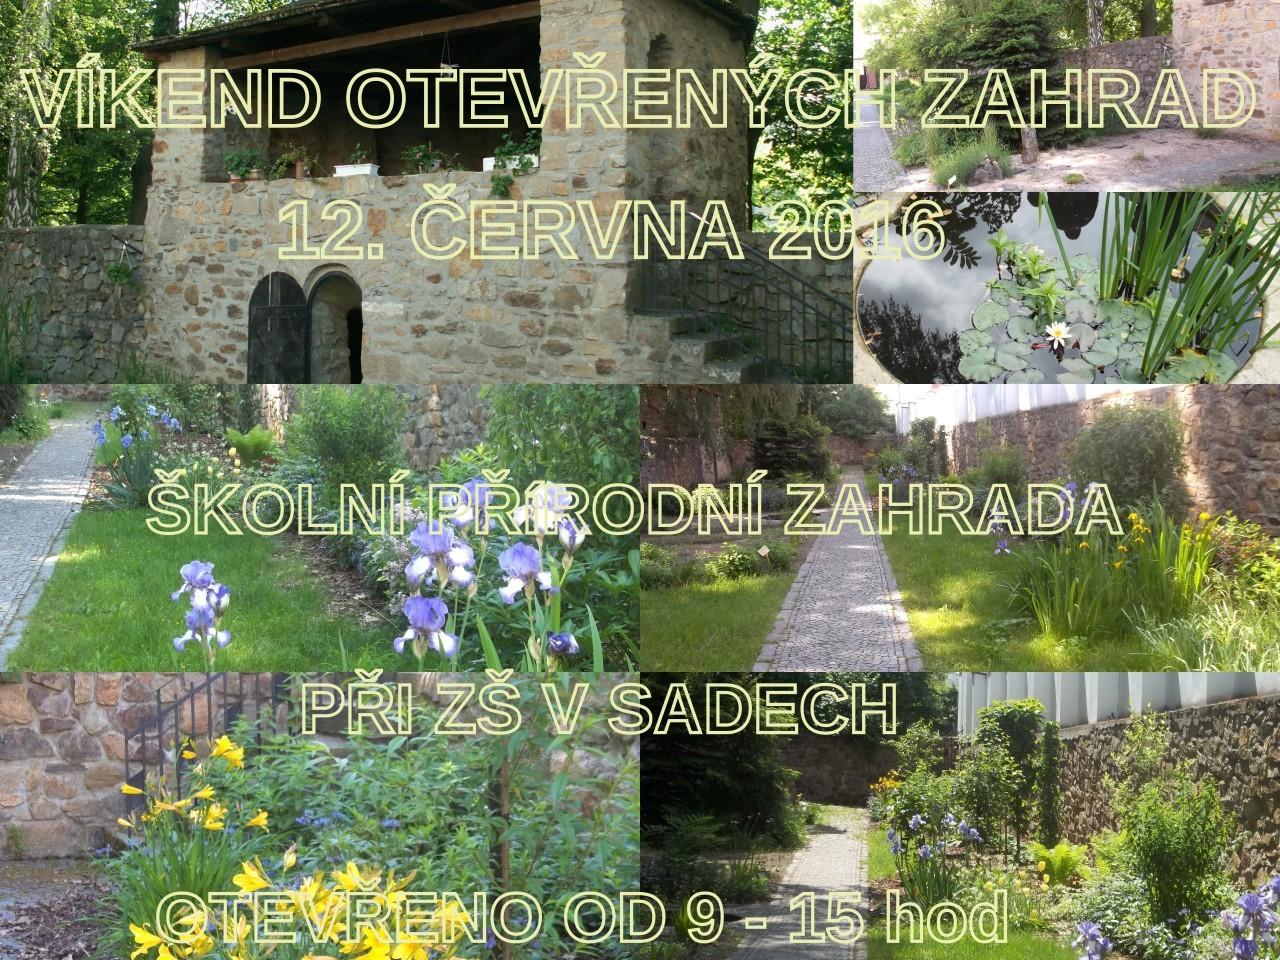 Víkend otevřených zahrad s Oříškem